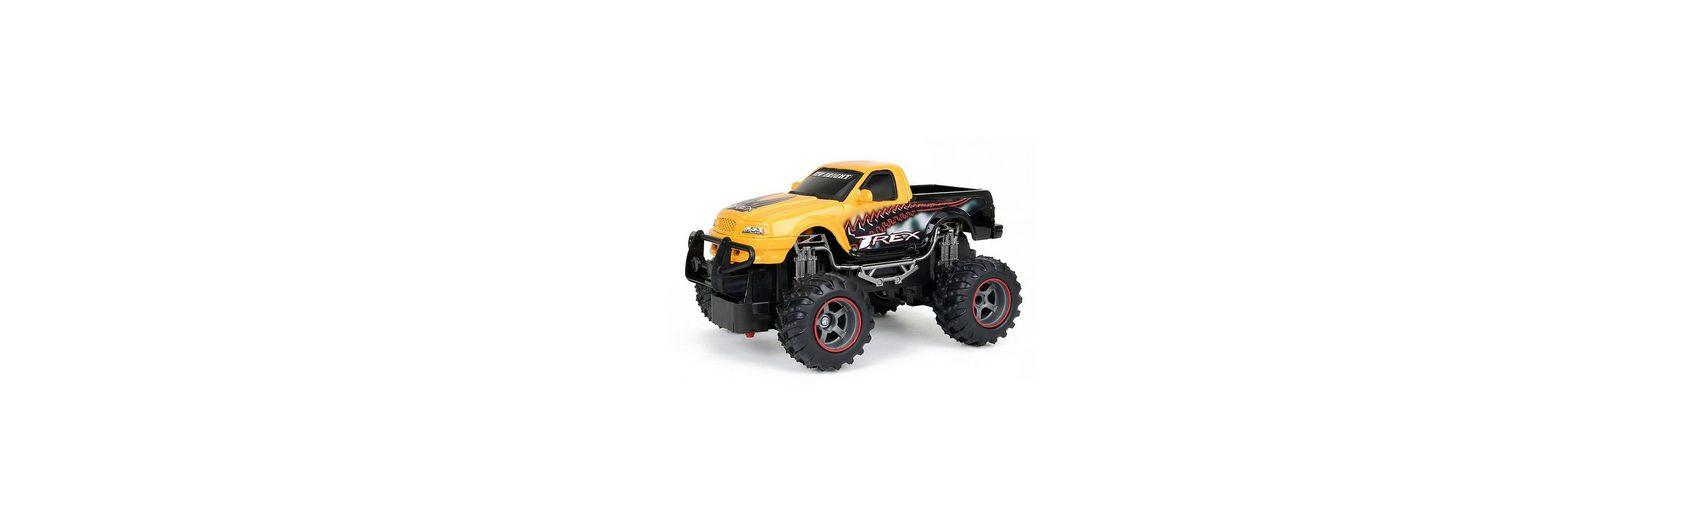 New Bright RC Jeep Predator Truck 1:24